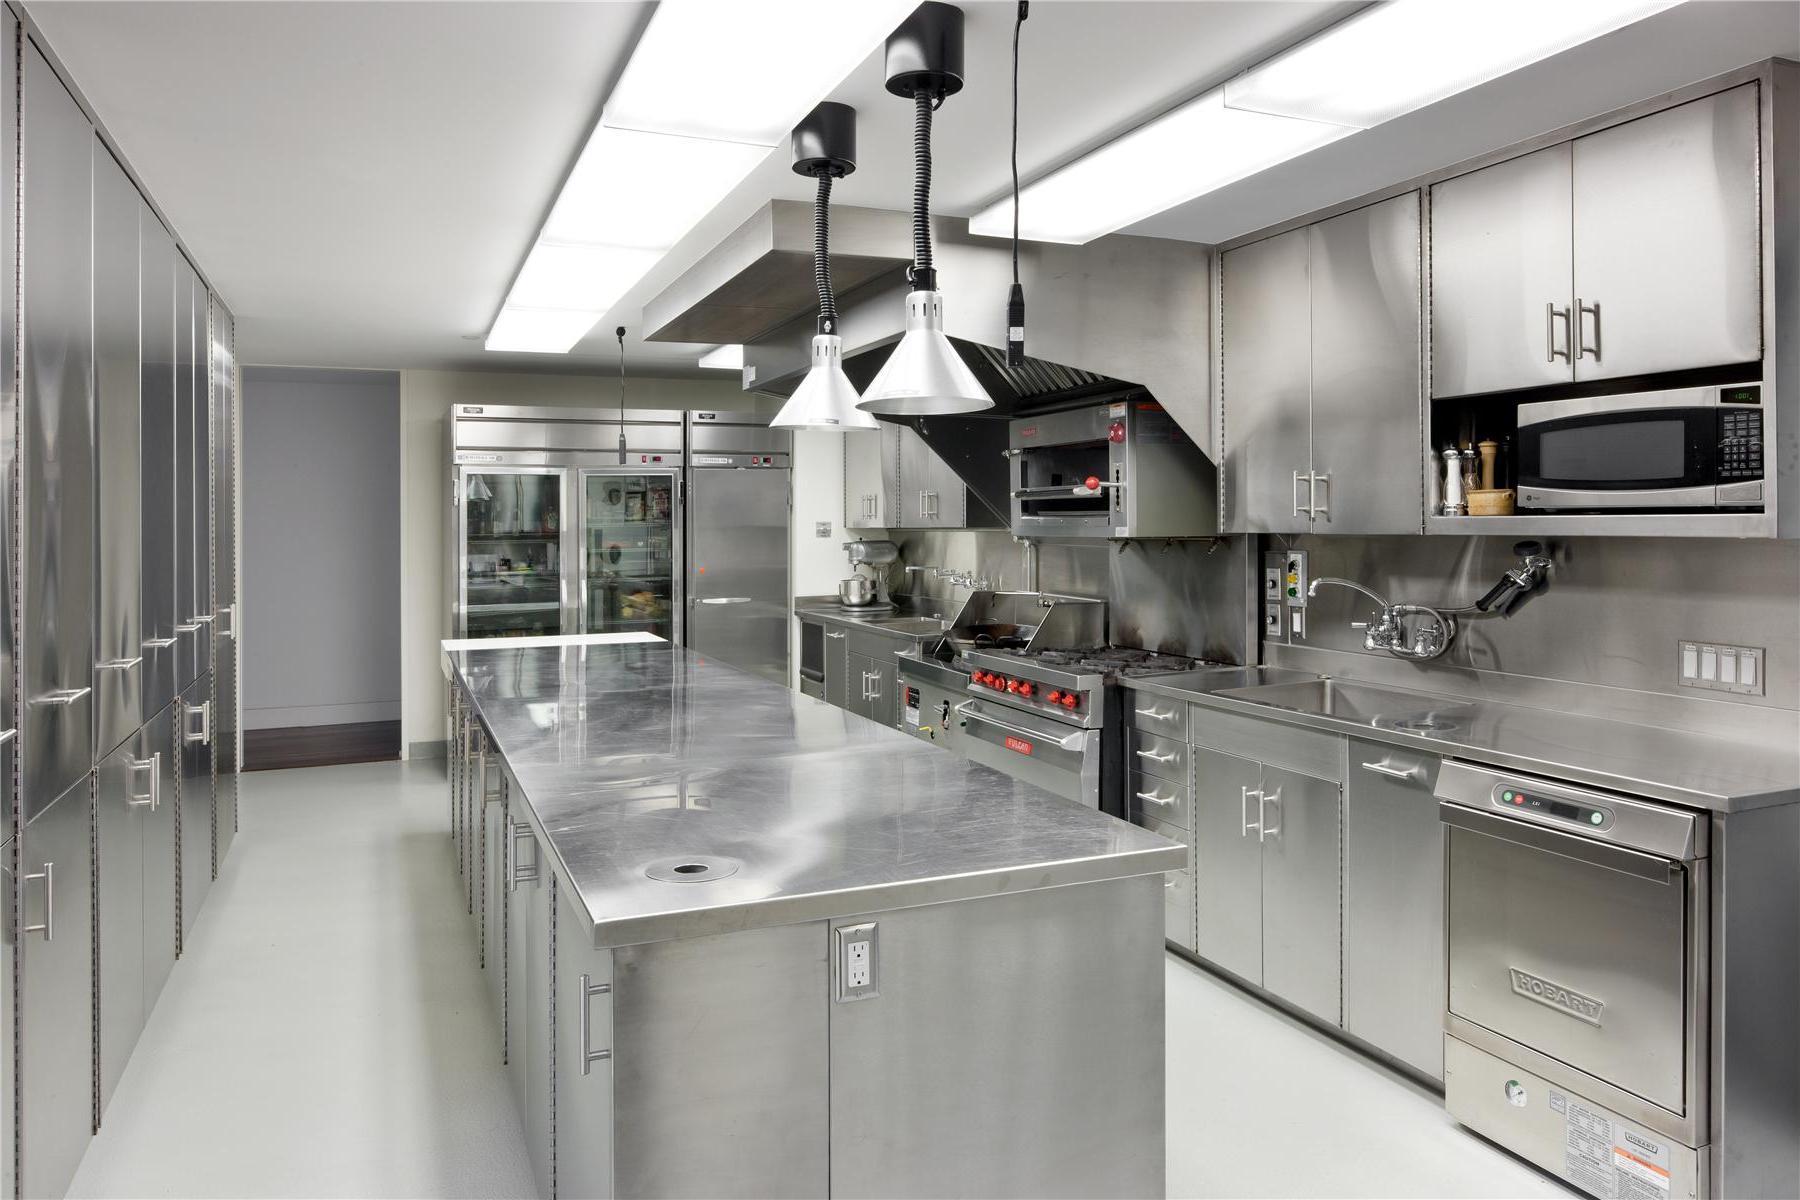 Кухня ресторана фото